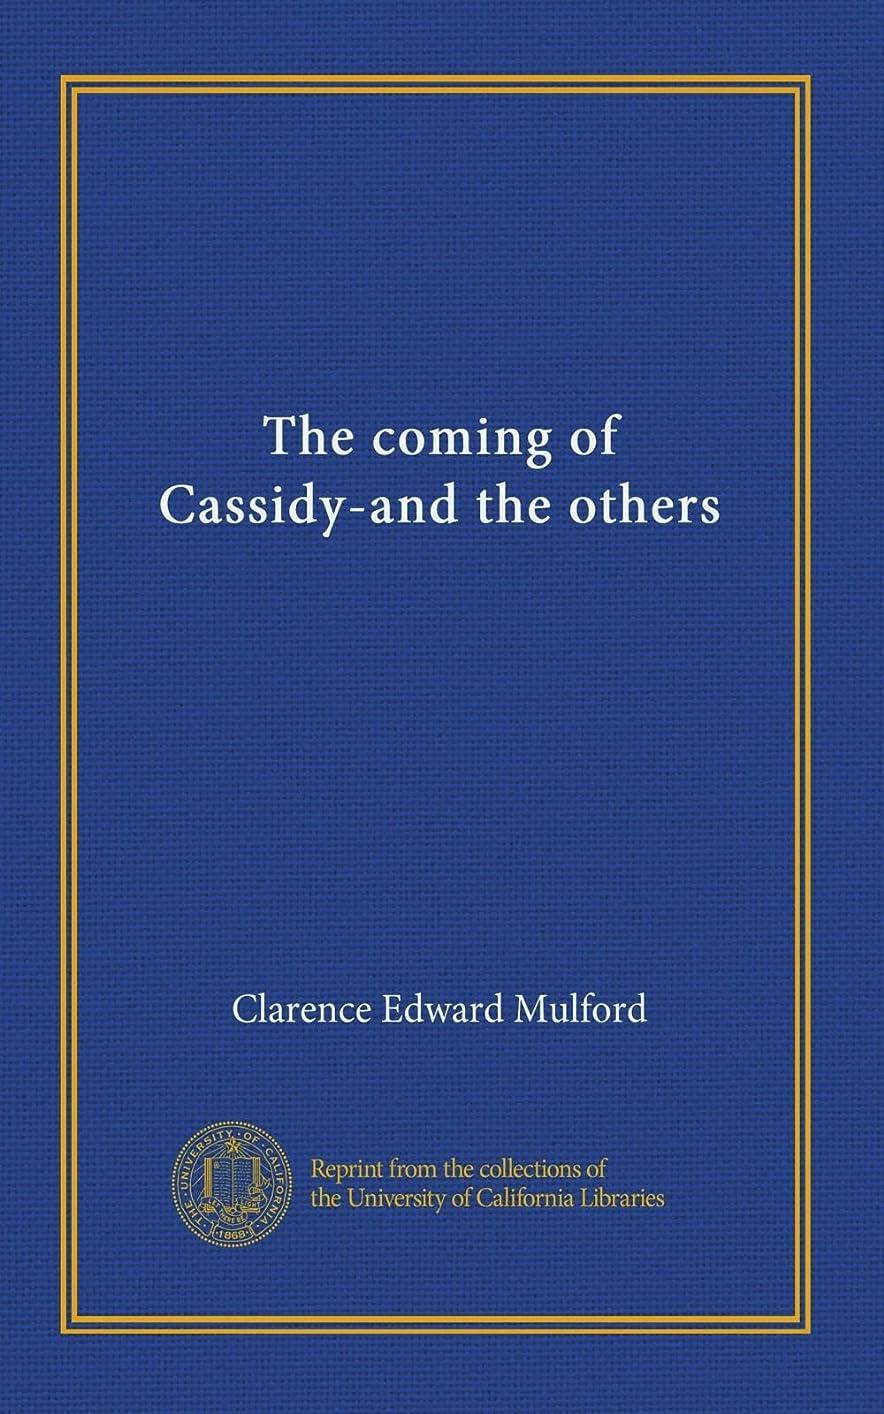 テクスチャーに対して乳白色The coming of Cassidy-and the others